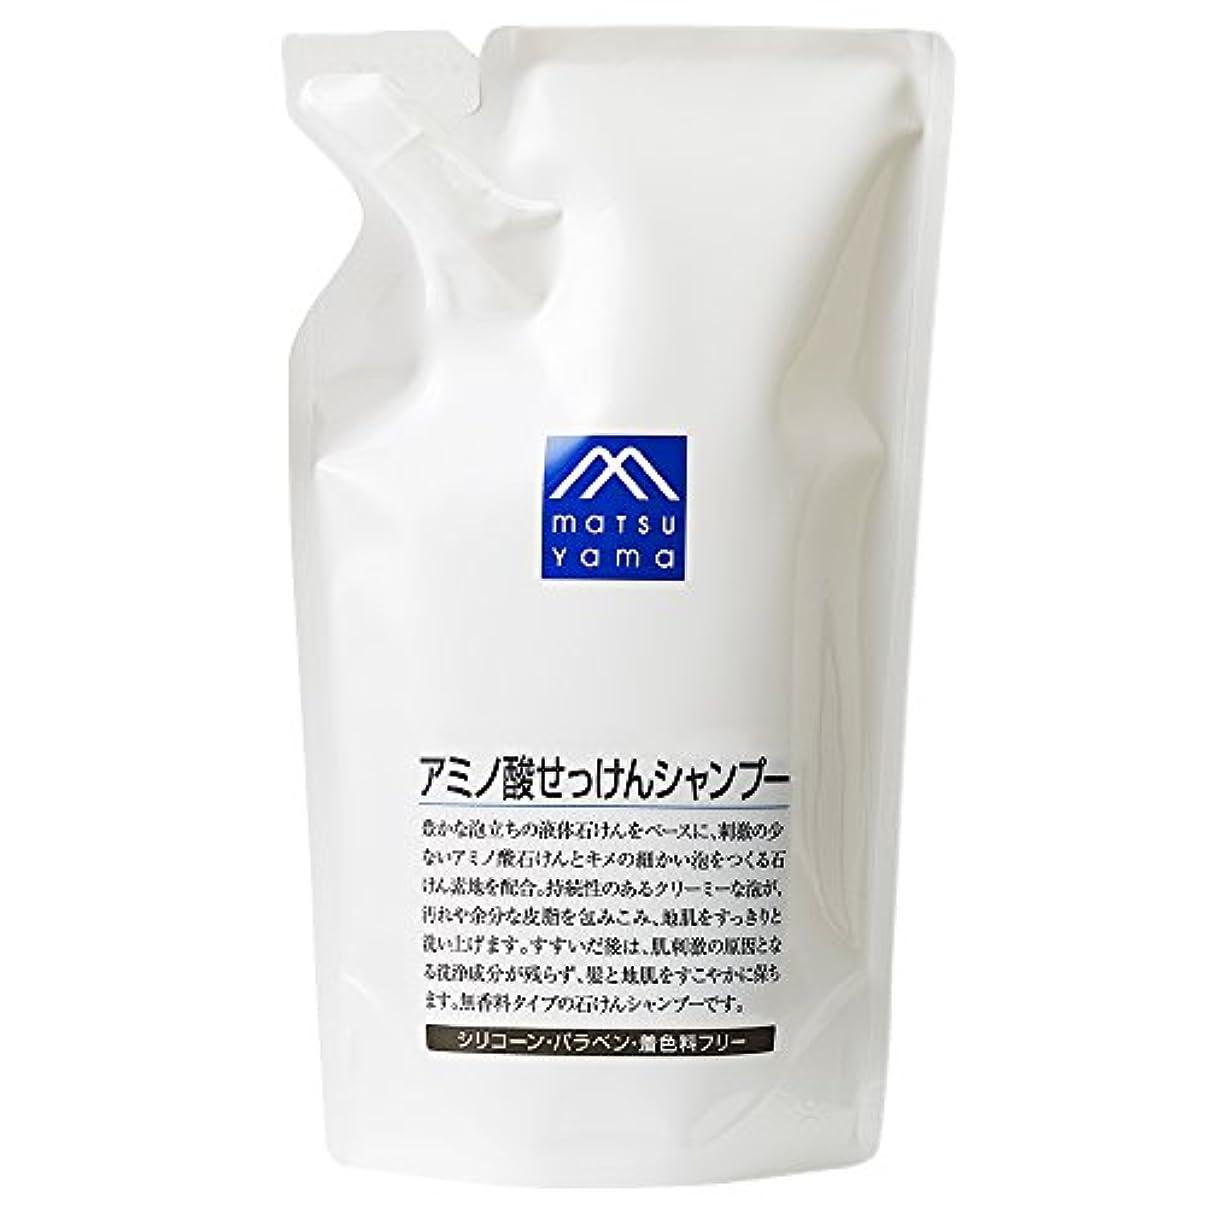 ホームレス優しい陽気なM-mark アミノ酸せっけんシャンプー 詰替用